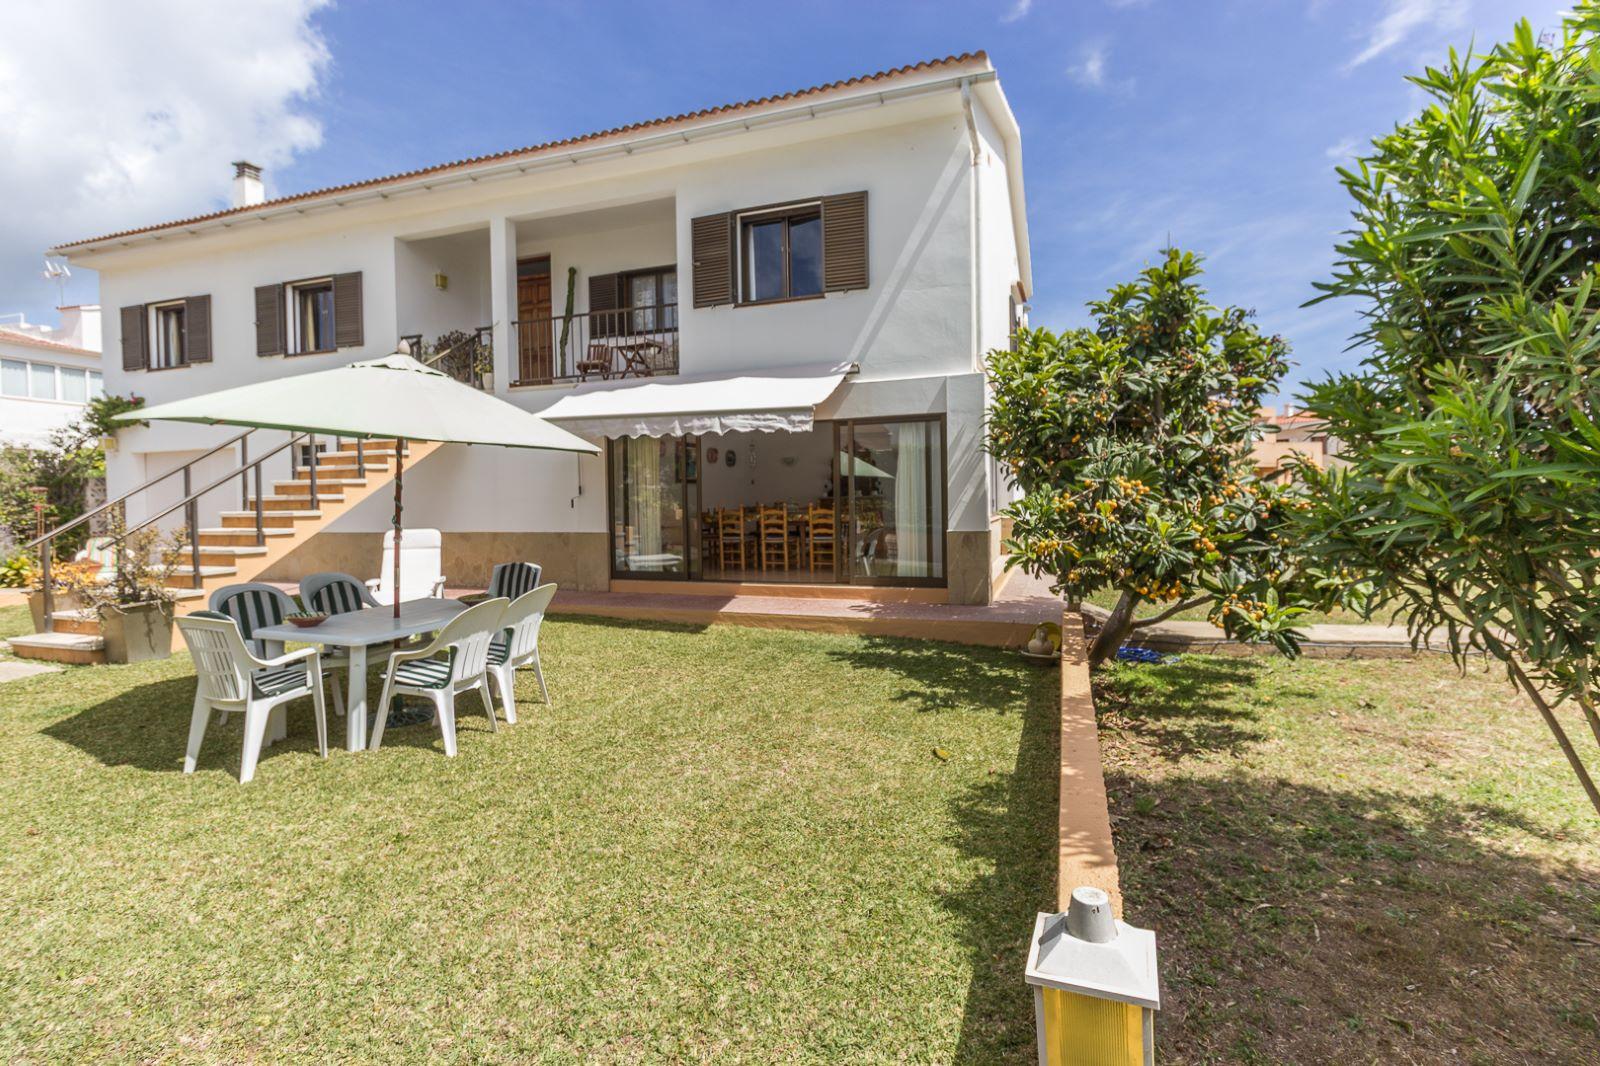 Villa in Santa Ana Ref: M8362 2